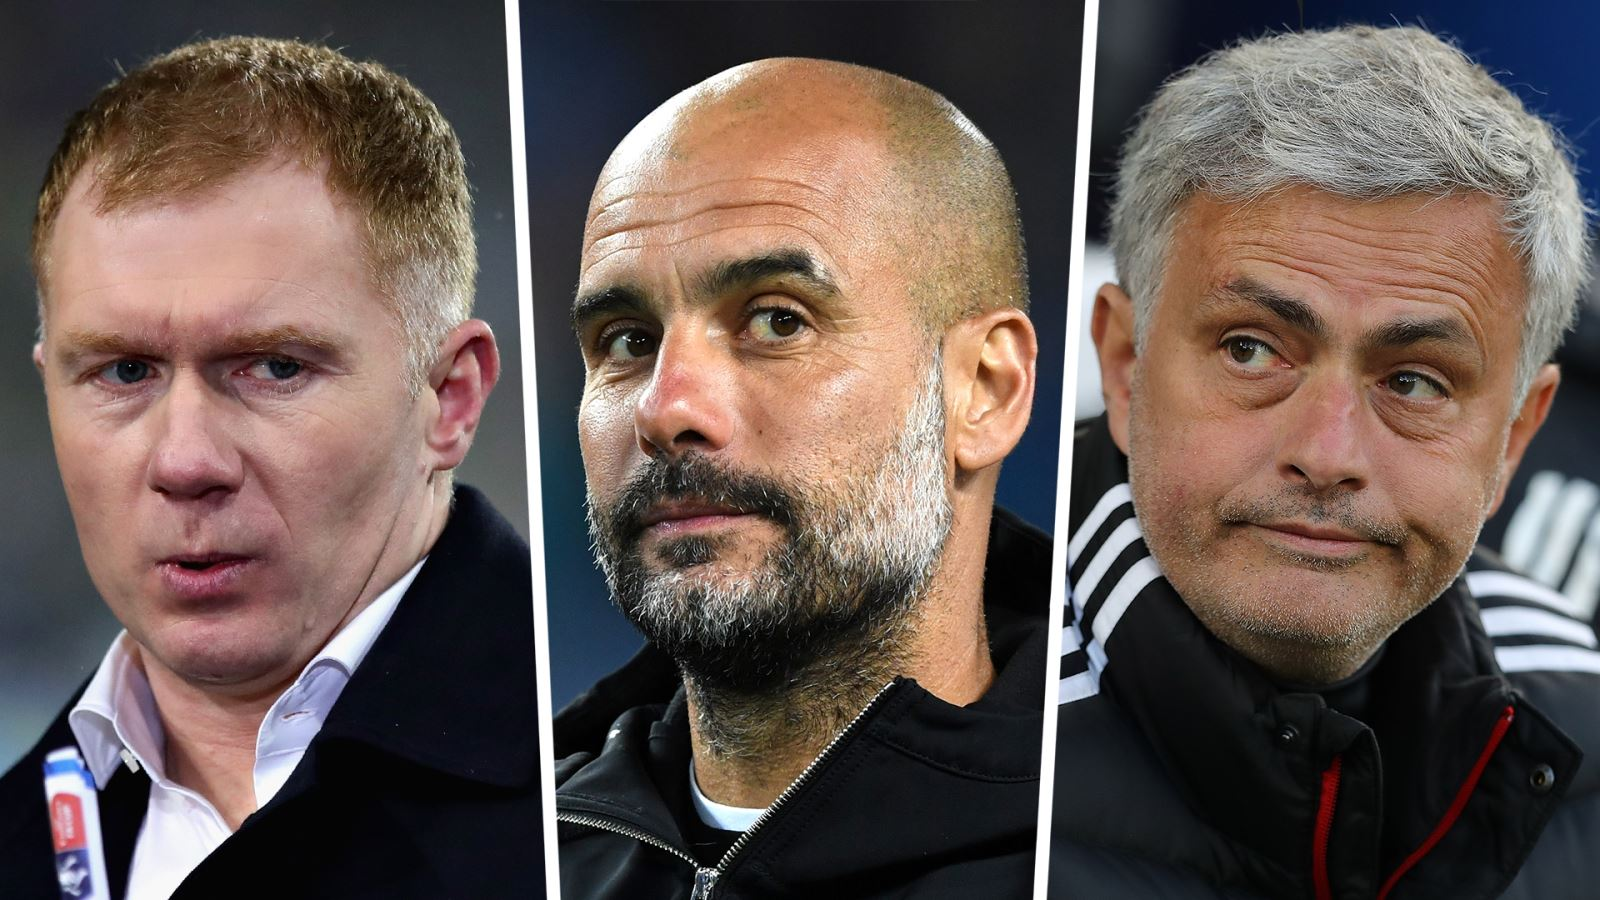 Trực tiếp bóng đá, xem trực tiếp M.U, trực tiếp AC Milan vs M.U, Lịch đấu giao hữu mùa Hè 2018 của M.U, Paul Scholes, Jose Mourinho, Pep Guardiola